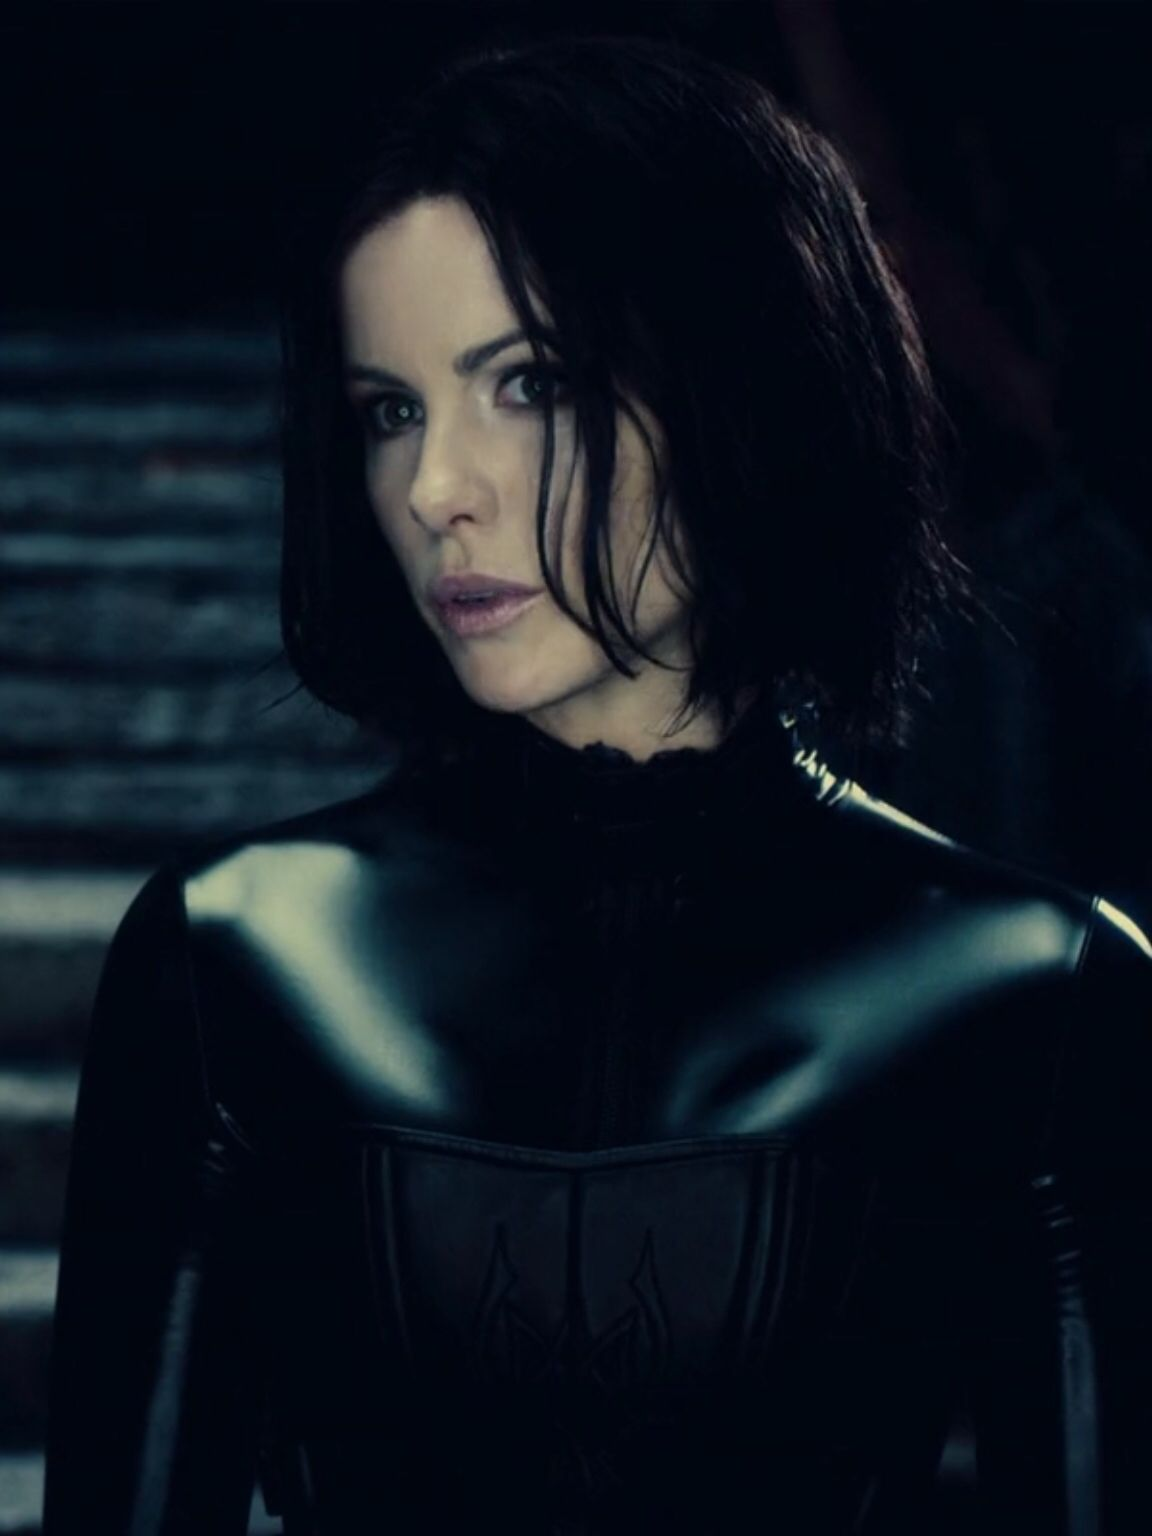 Kate Beckinsale as Selene in Underworld: Awakening ...